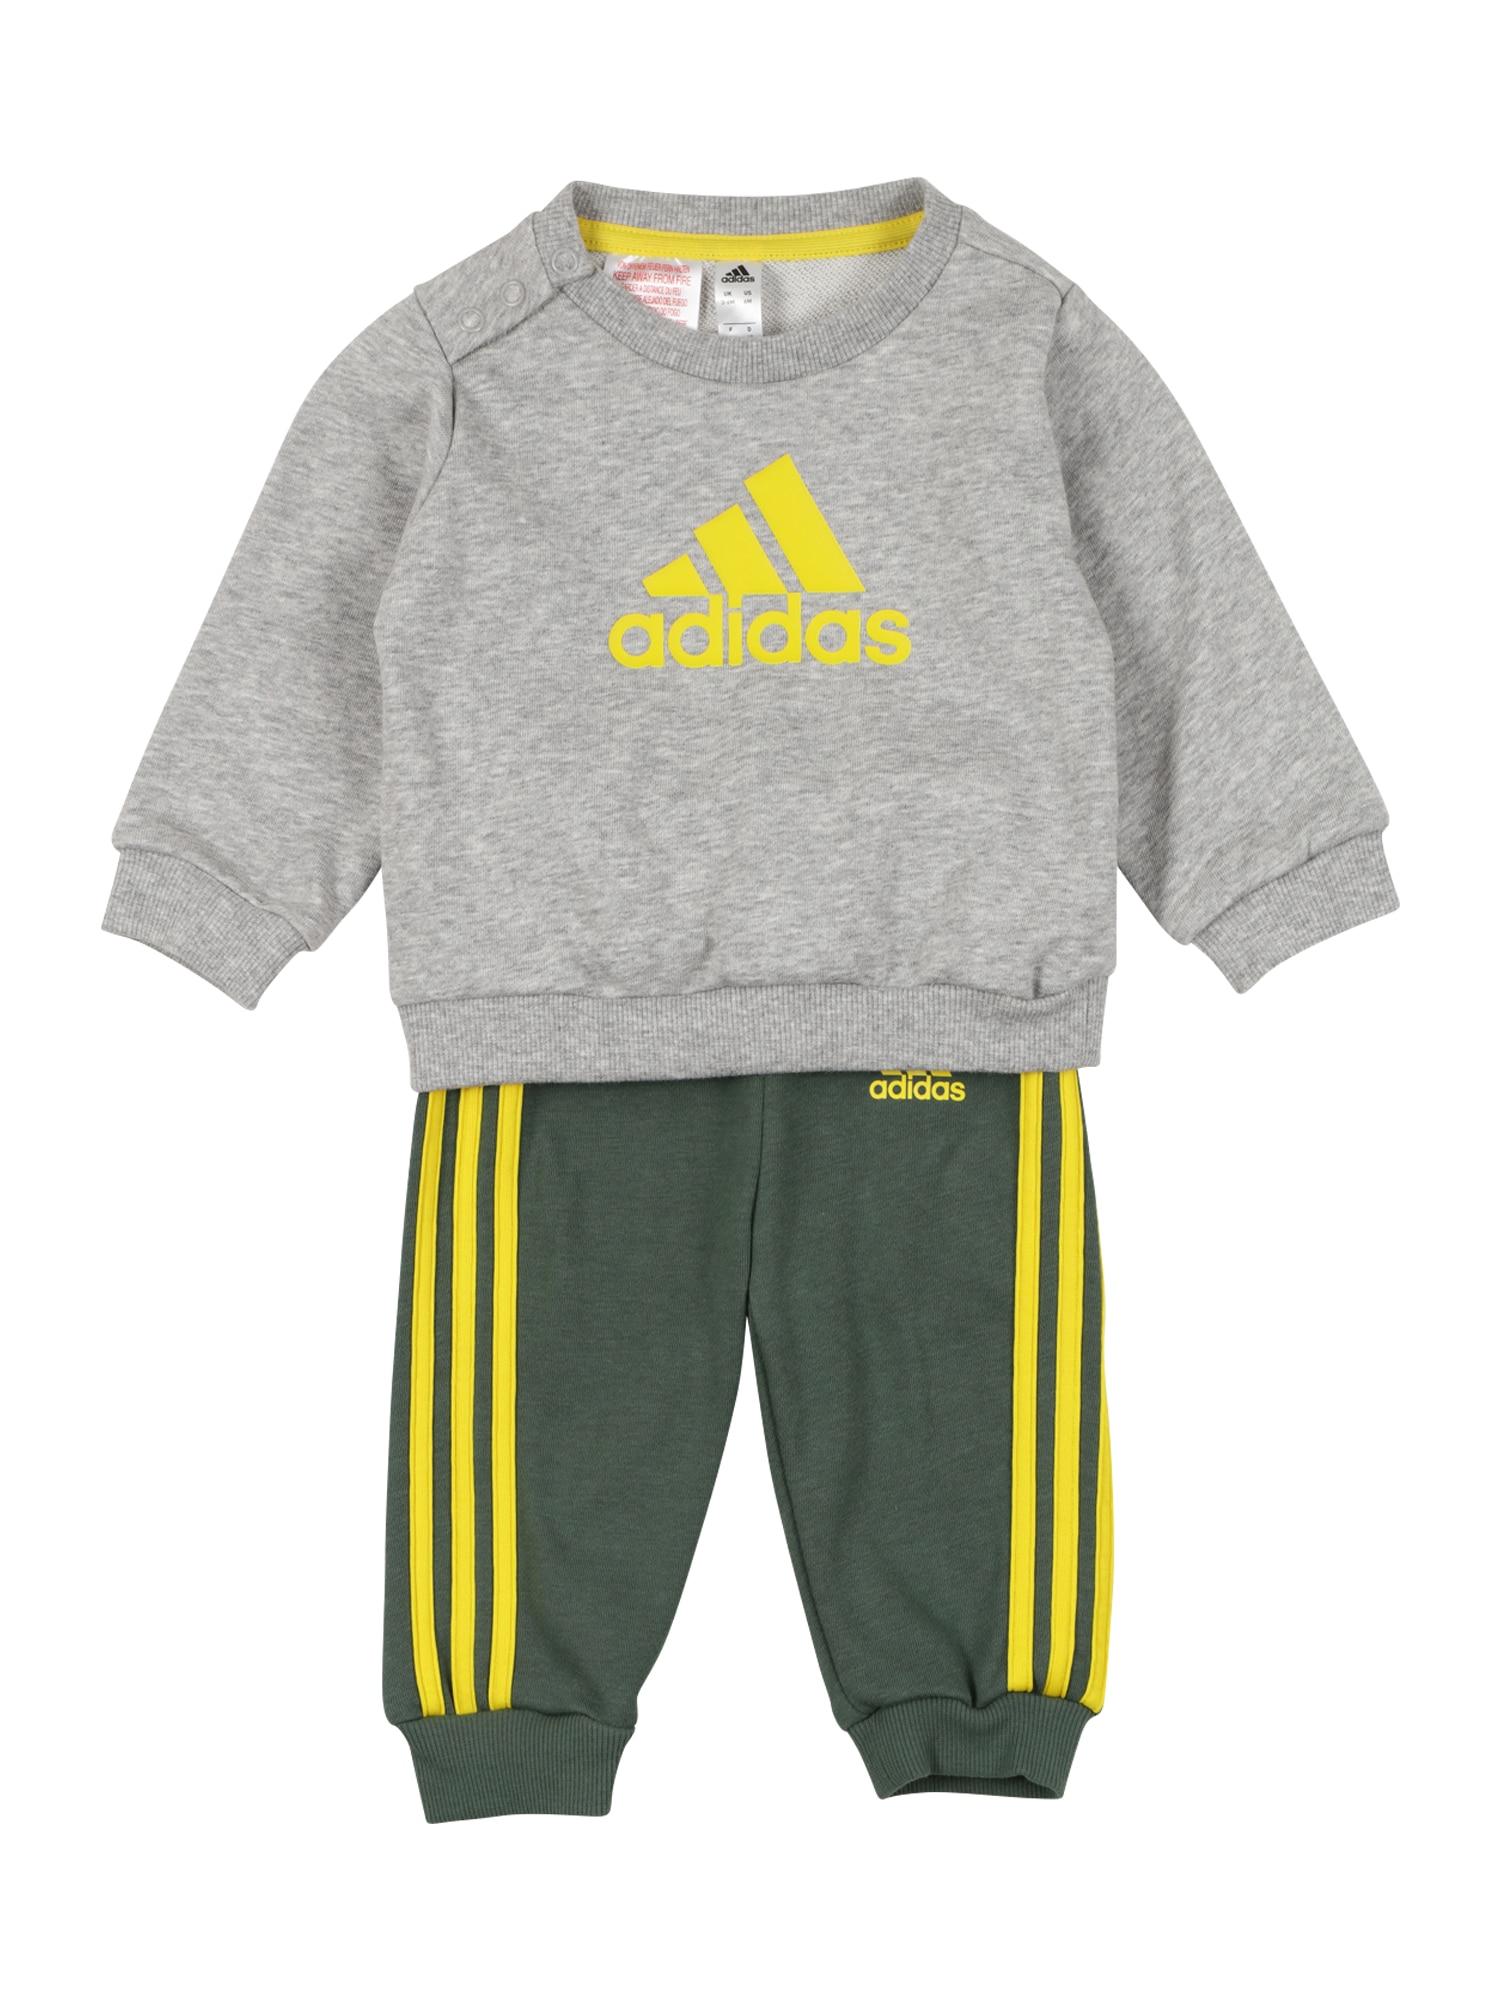 ADIDAS PERFORMANCE Treniruočių kostiumas margai pilka / tamsiai žalia / geltona